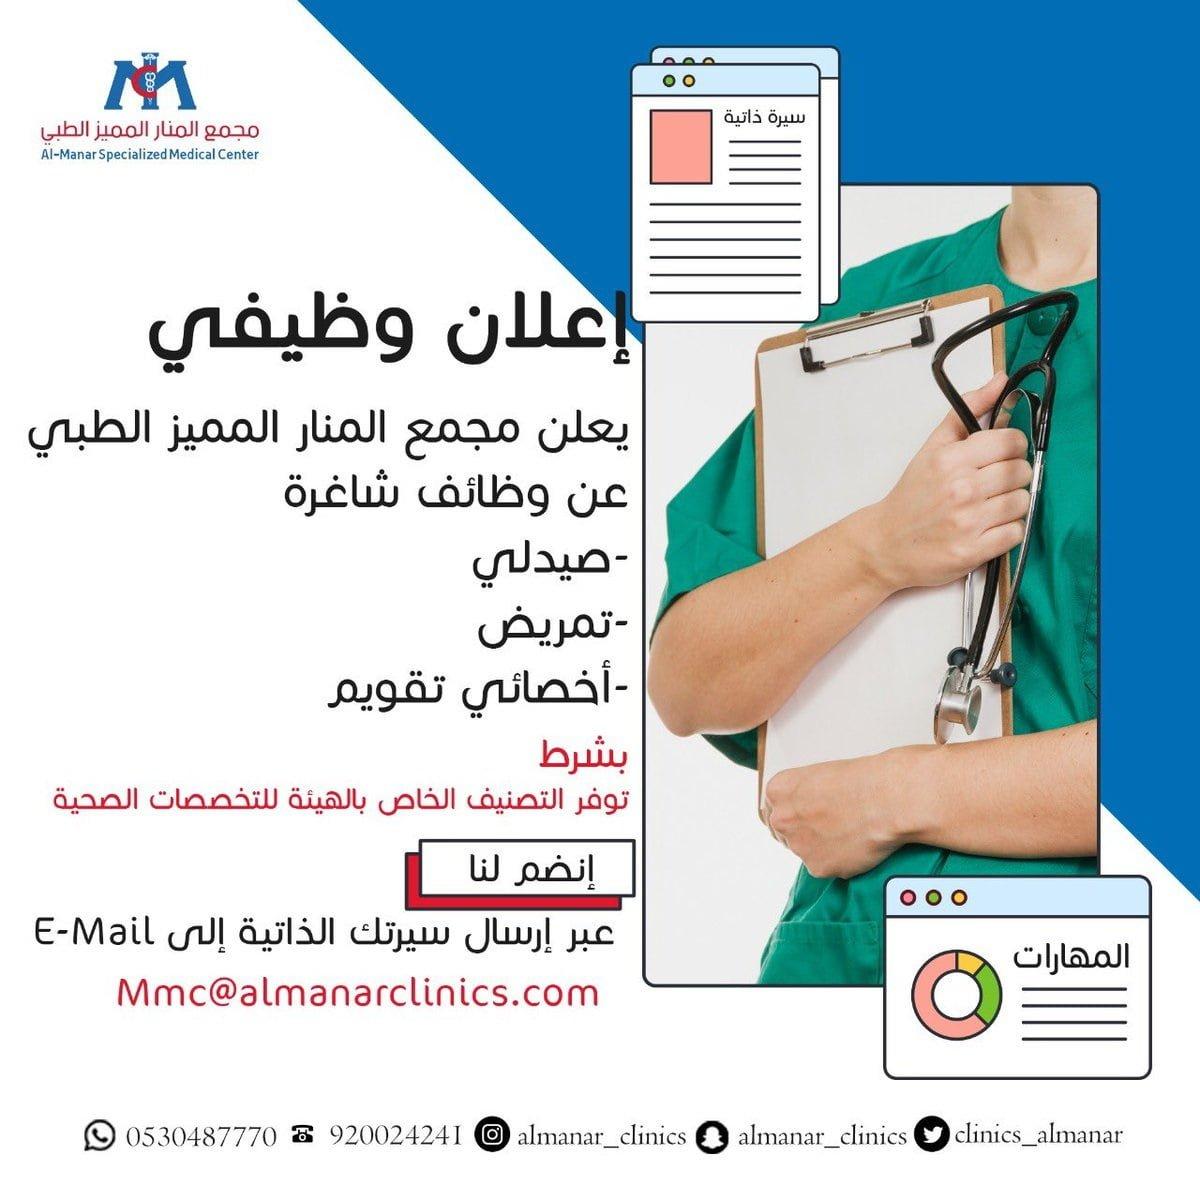 وظائف صحية بعدة مجالات لدى مجمع المنار المميز الطبي بمحافظة جدة 3